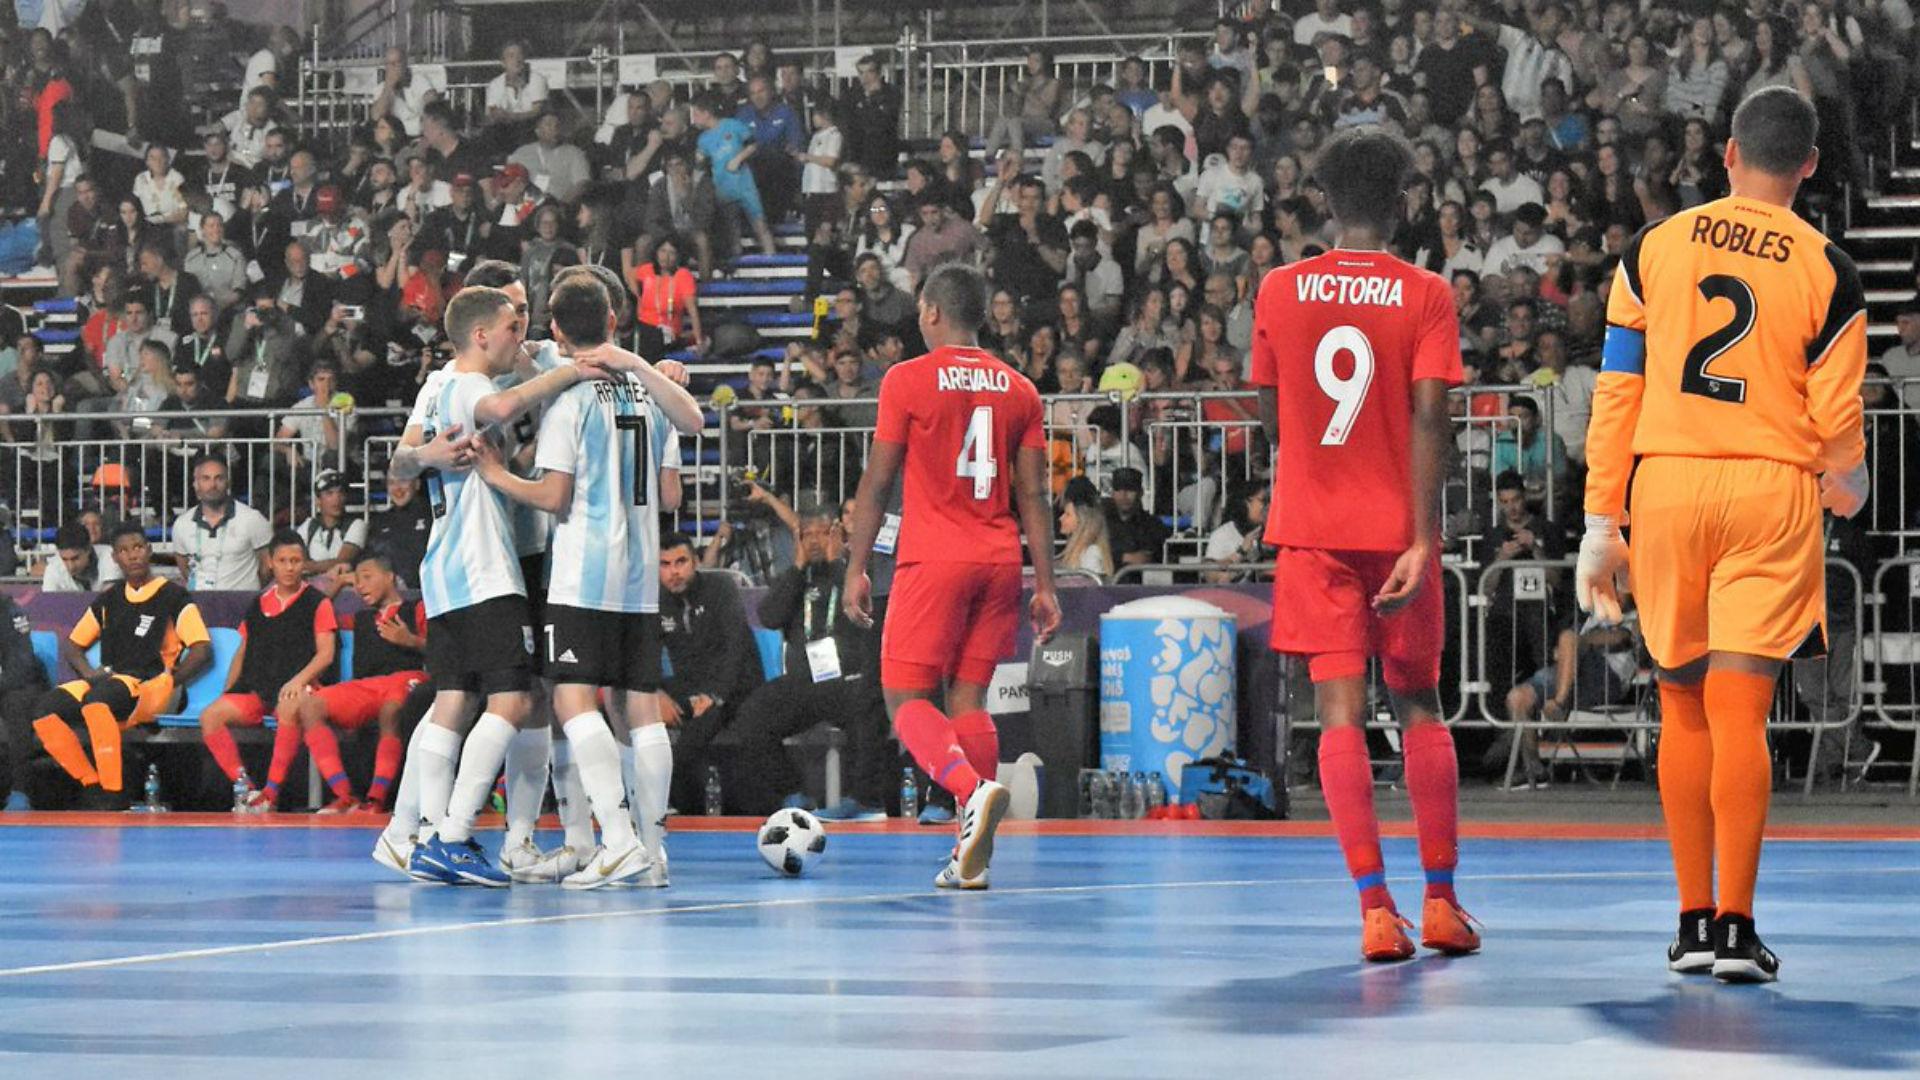 El Futsal De Argentina Perdio Con Egipto Y No Pudo Subirse Al Podio